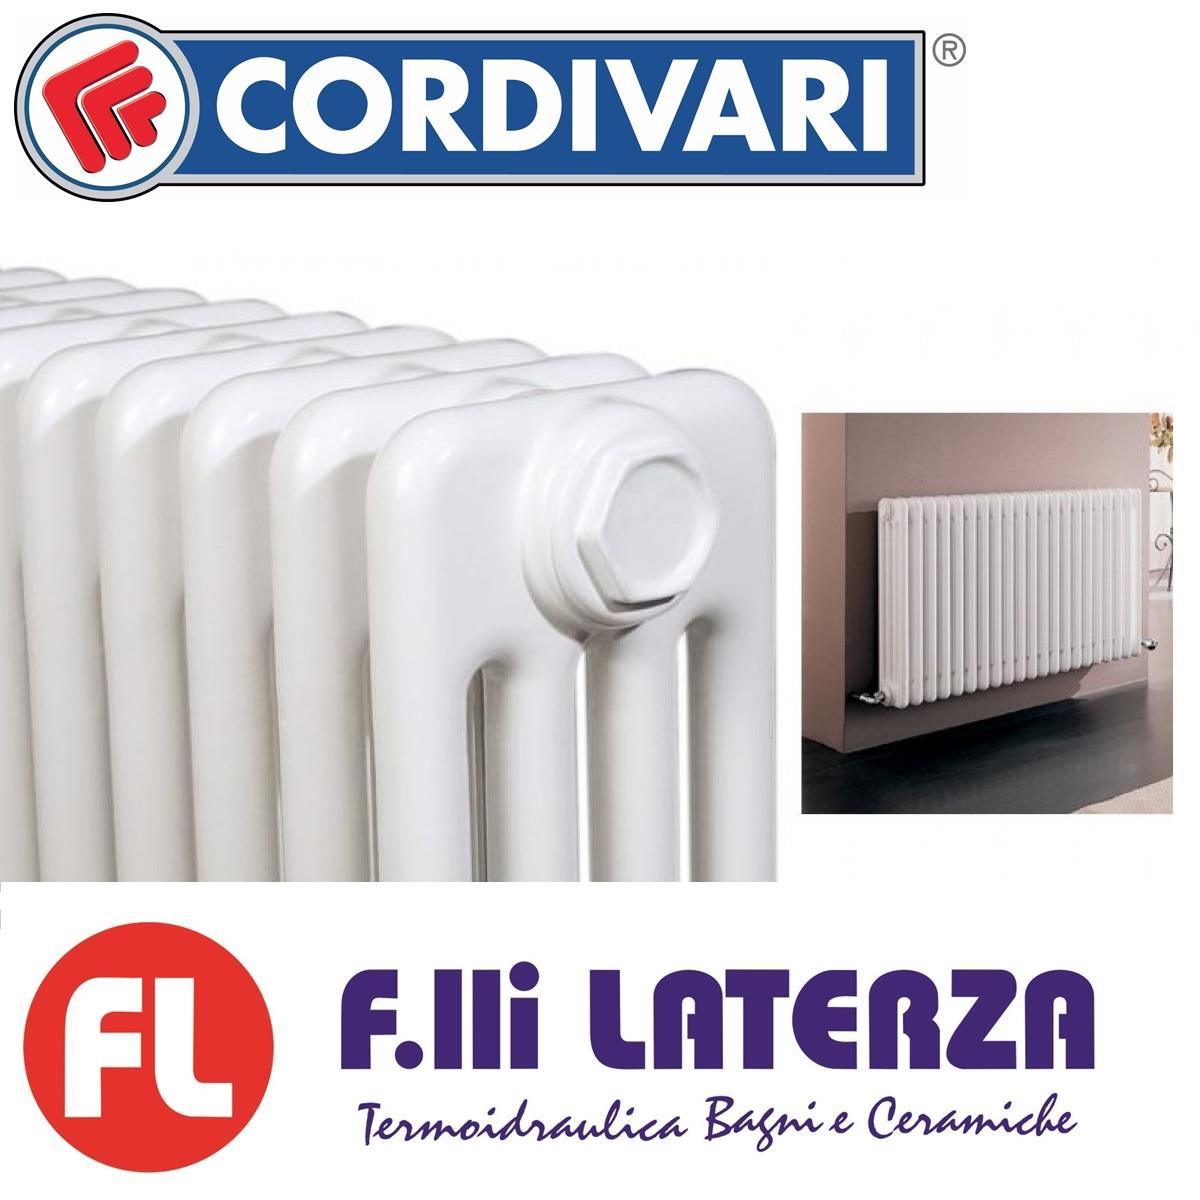 Radiatori In Alluminio O Acciaio radiatori in acciaio tubolare cordivari ardesia 4 colonne h.656 34 elementi  interasse 600 mm